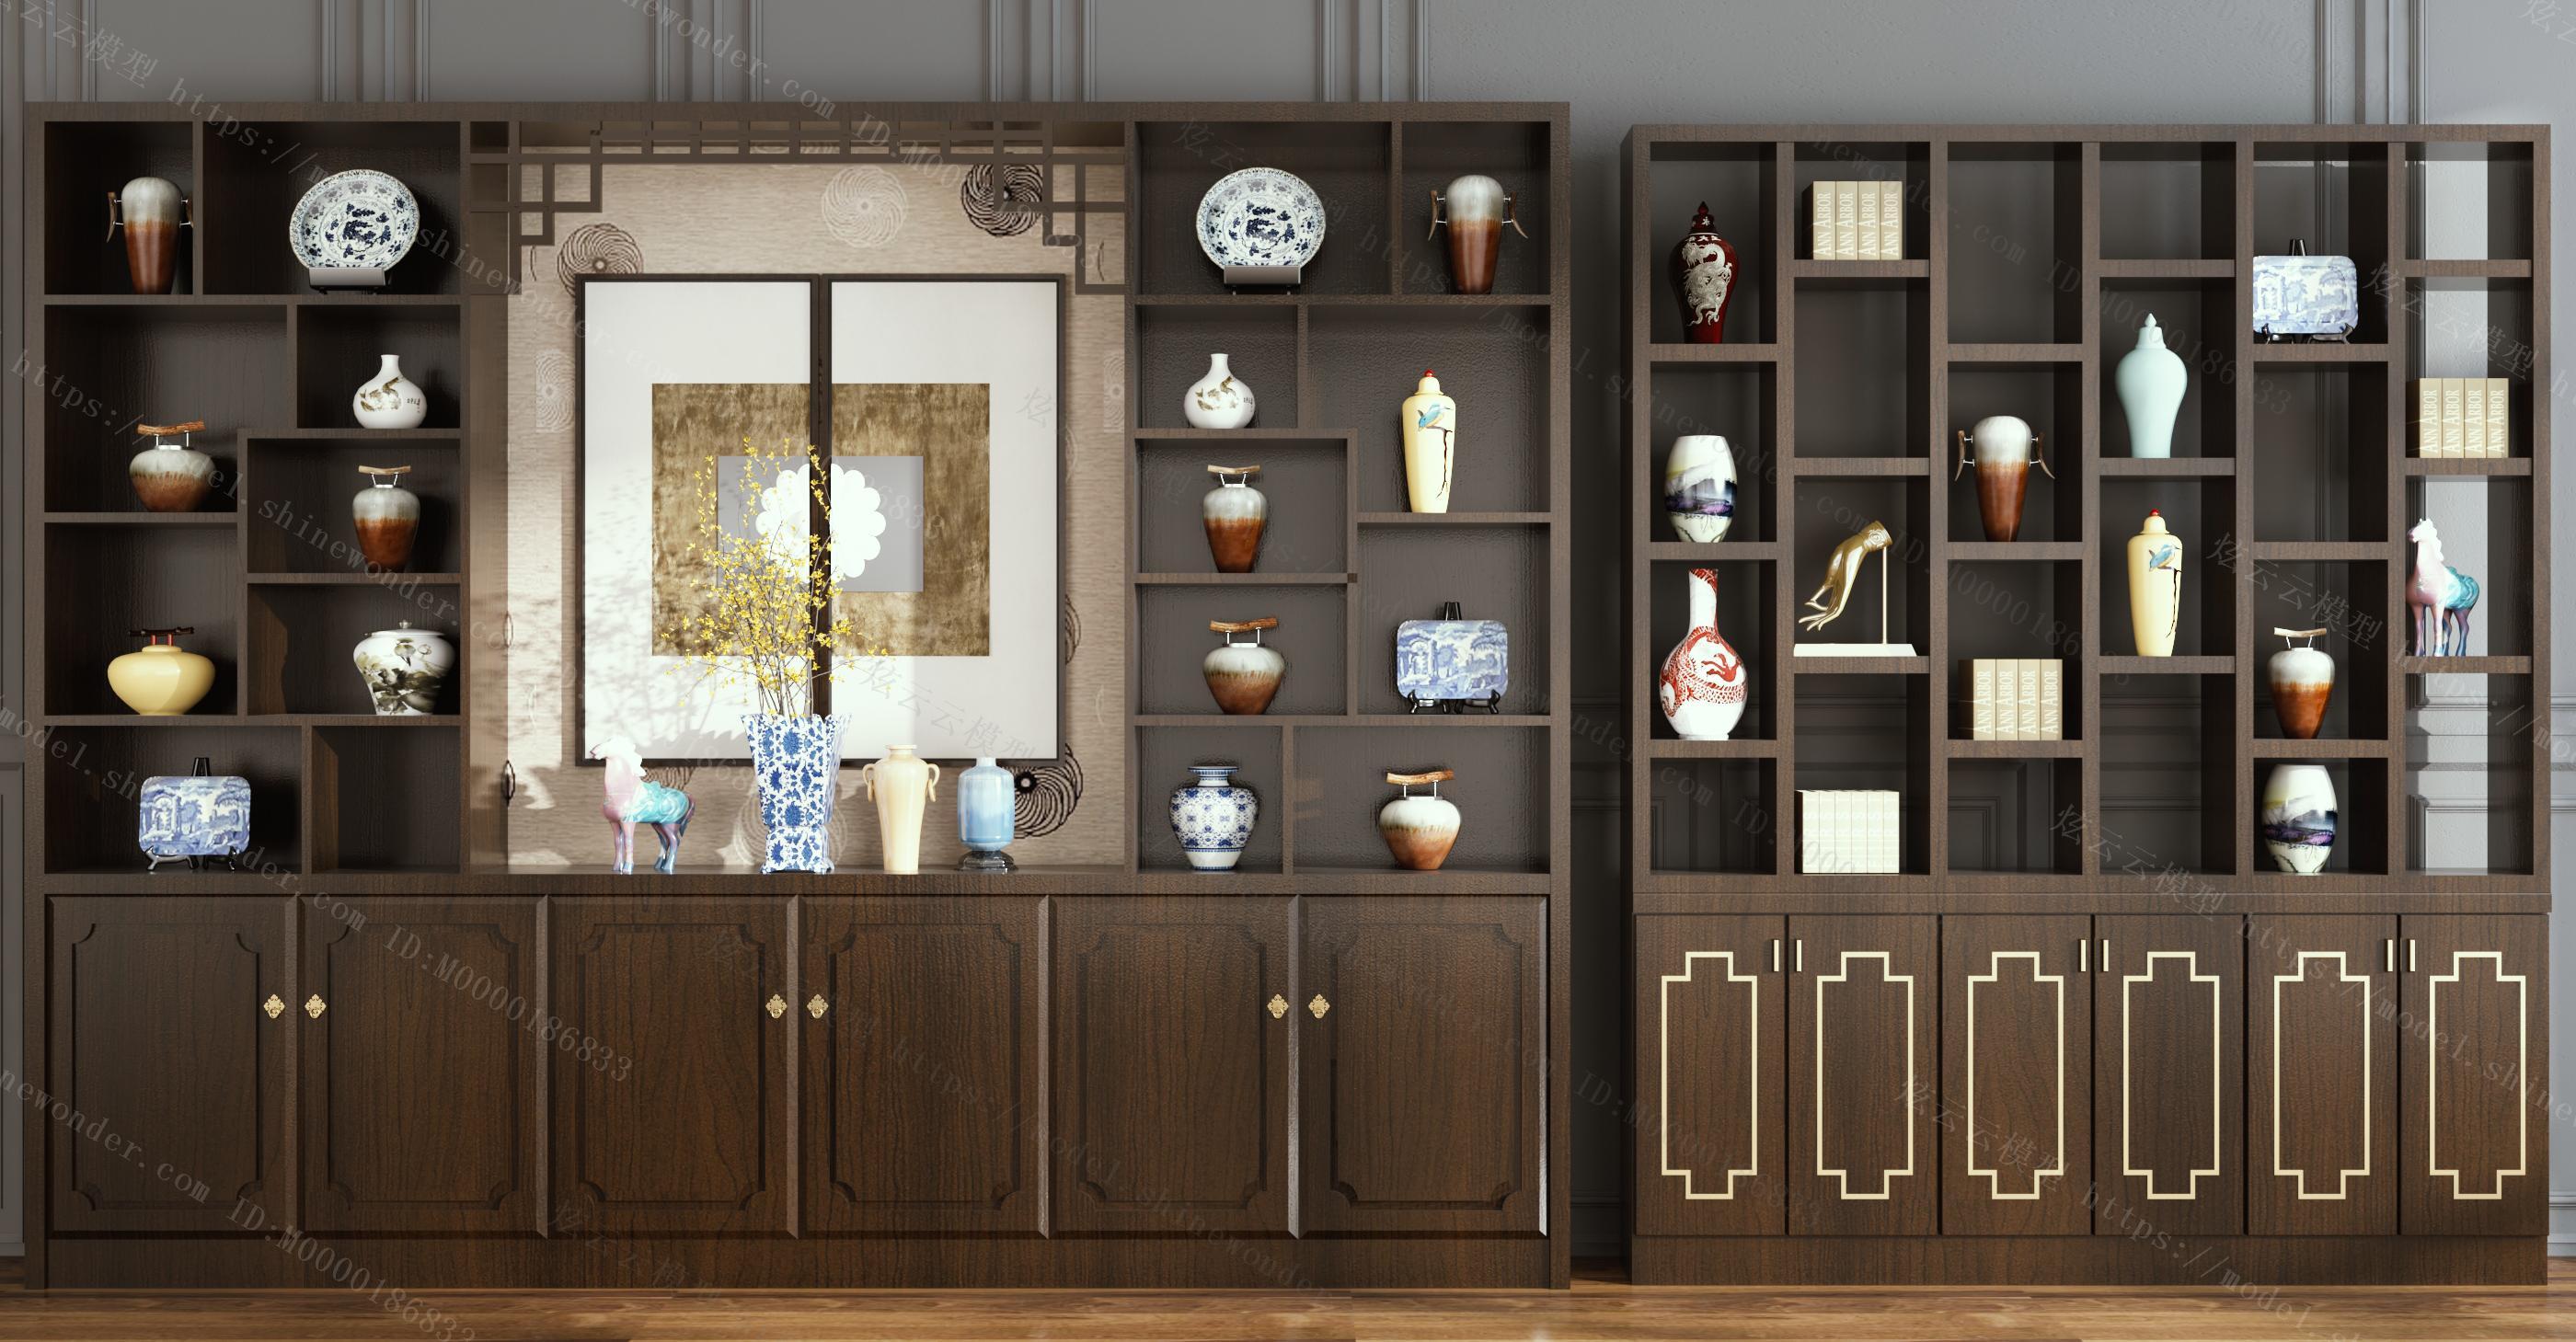 新中式酒柜装饰柜摆件组合模型